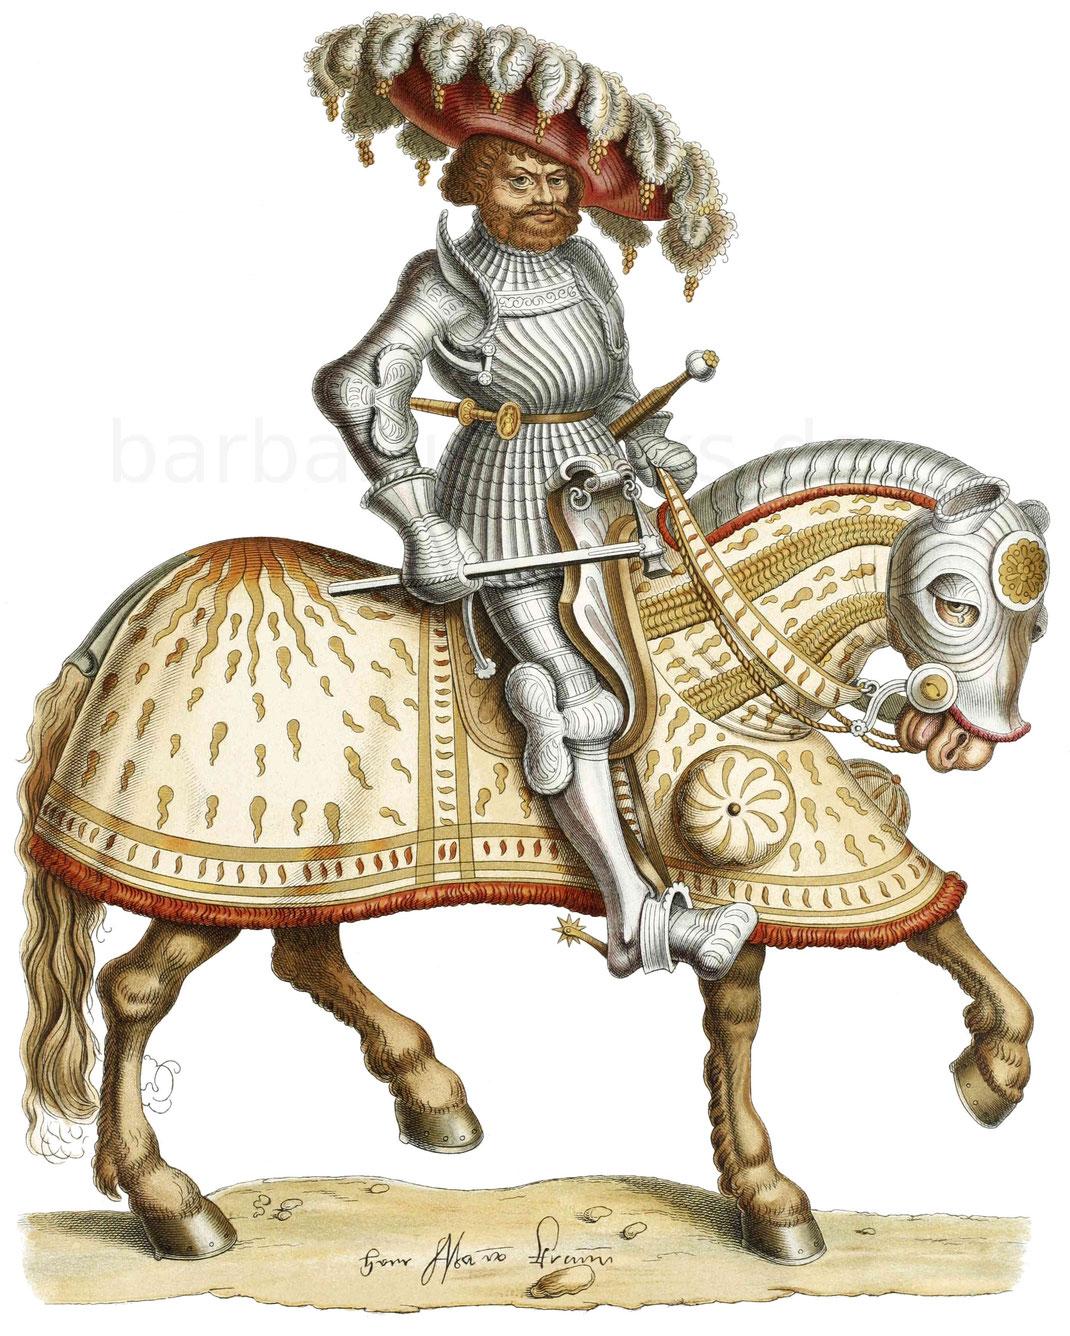 Ritter zu Pferd, nach einer Federzeichnung aus der ersten Hälfte des 16. Jahrhunderts